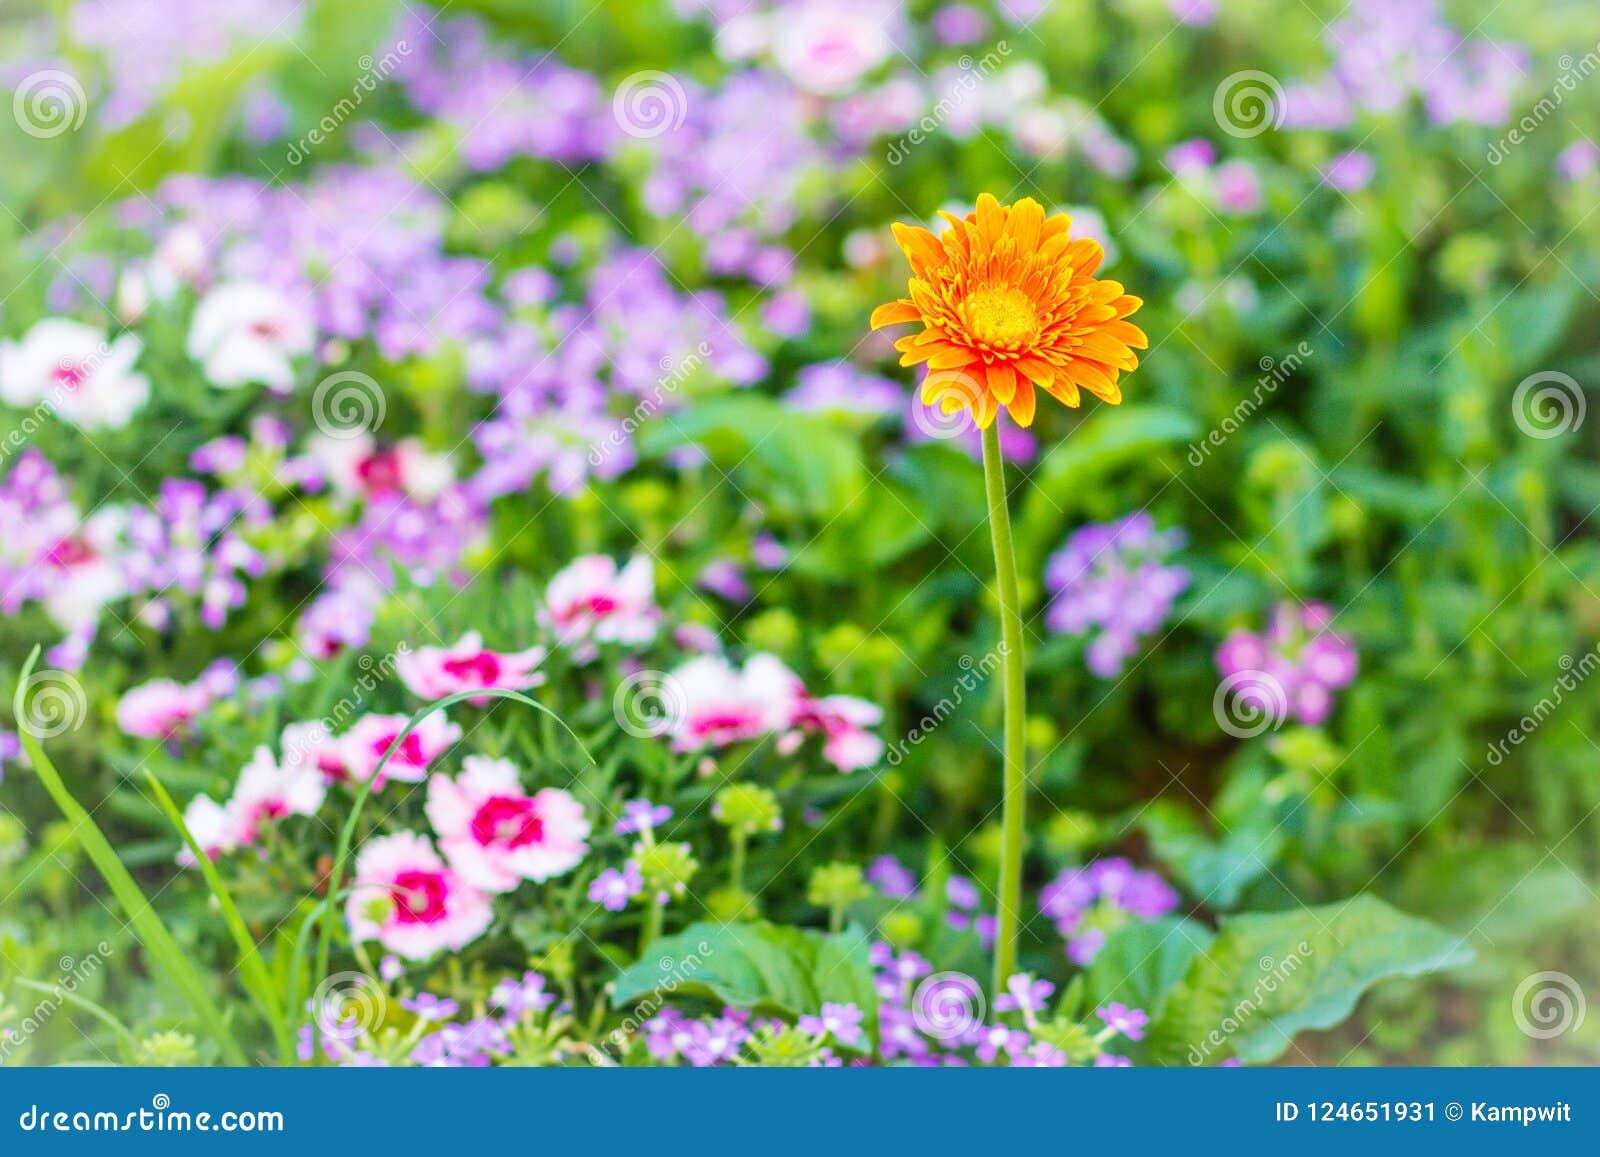 La bella margherita ibrida arancio di Barberton o della gerbera fiorisce (hybrida di jamesonii della gerbera) sull aiola Jamesoni